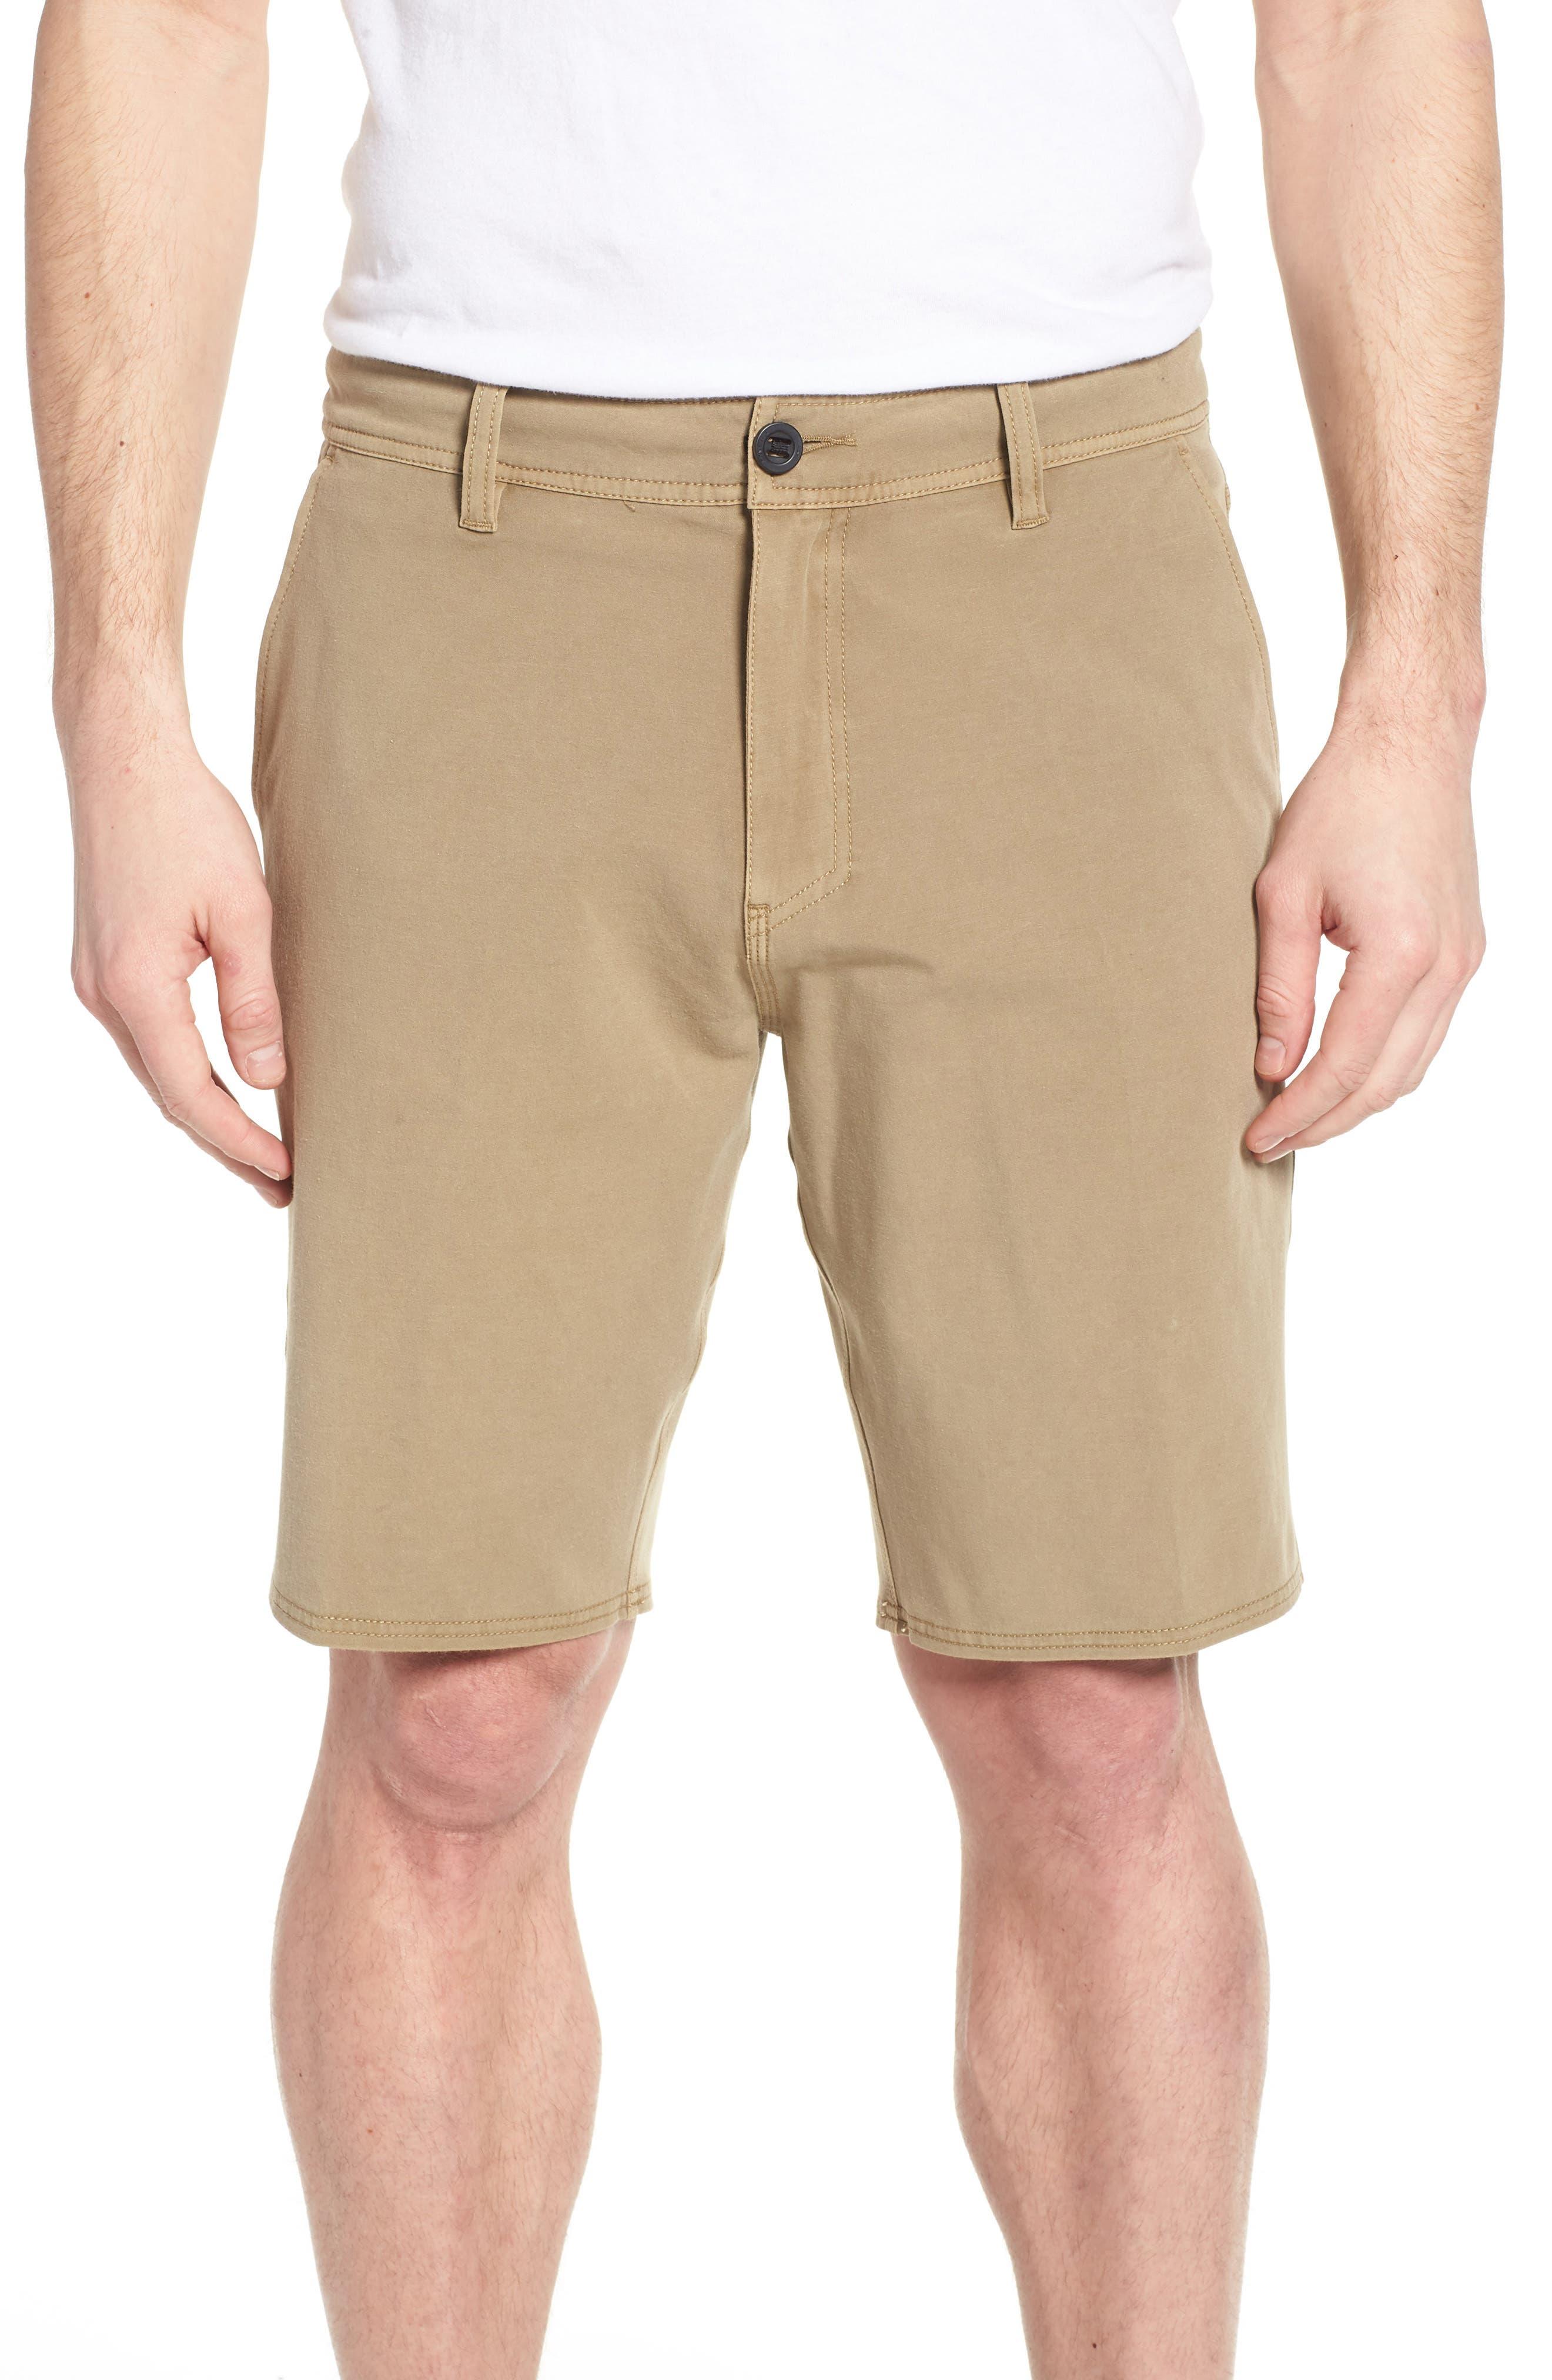 Venture Overdye Hybrid Shorts,                             Main thumbnail 1, color,                             Khaki